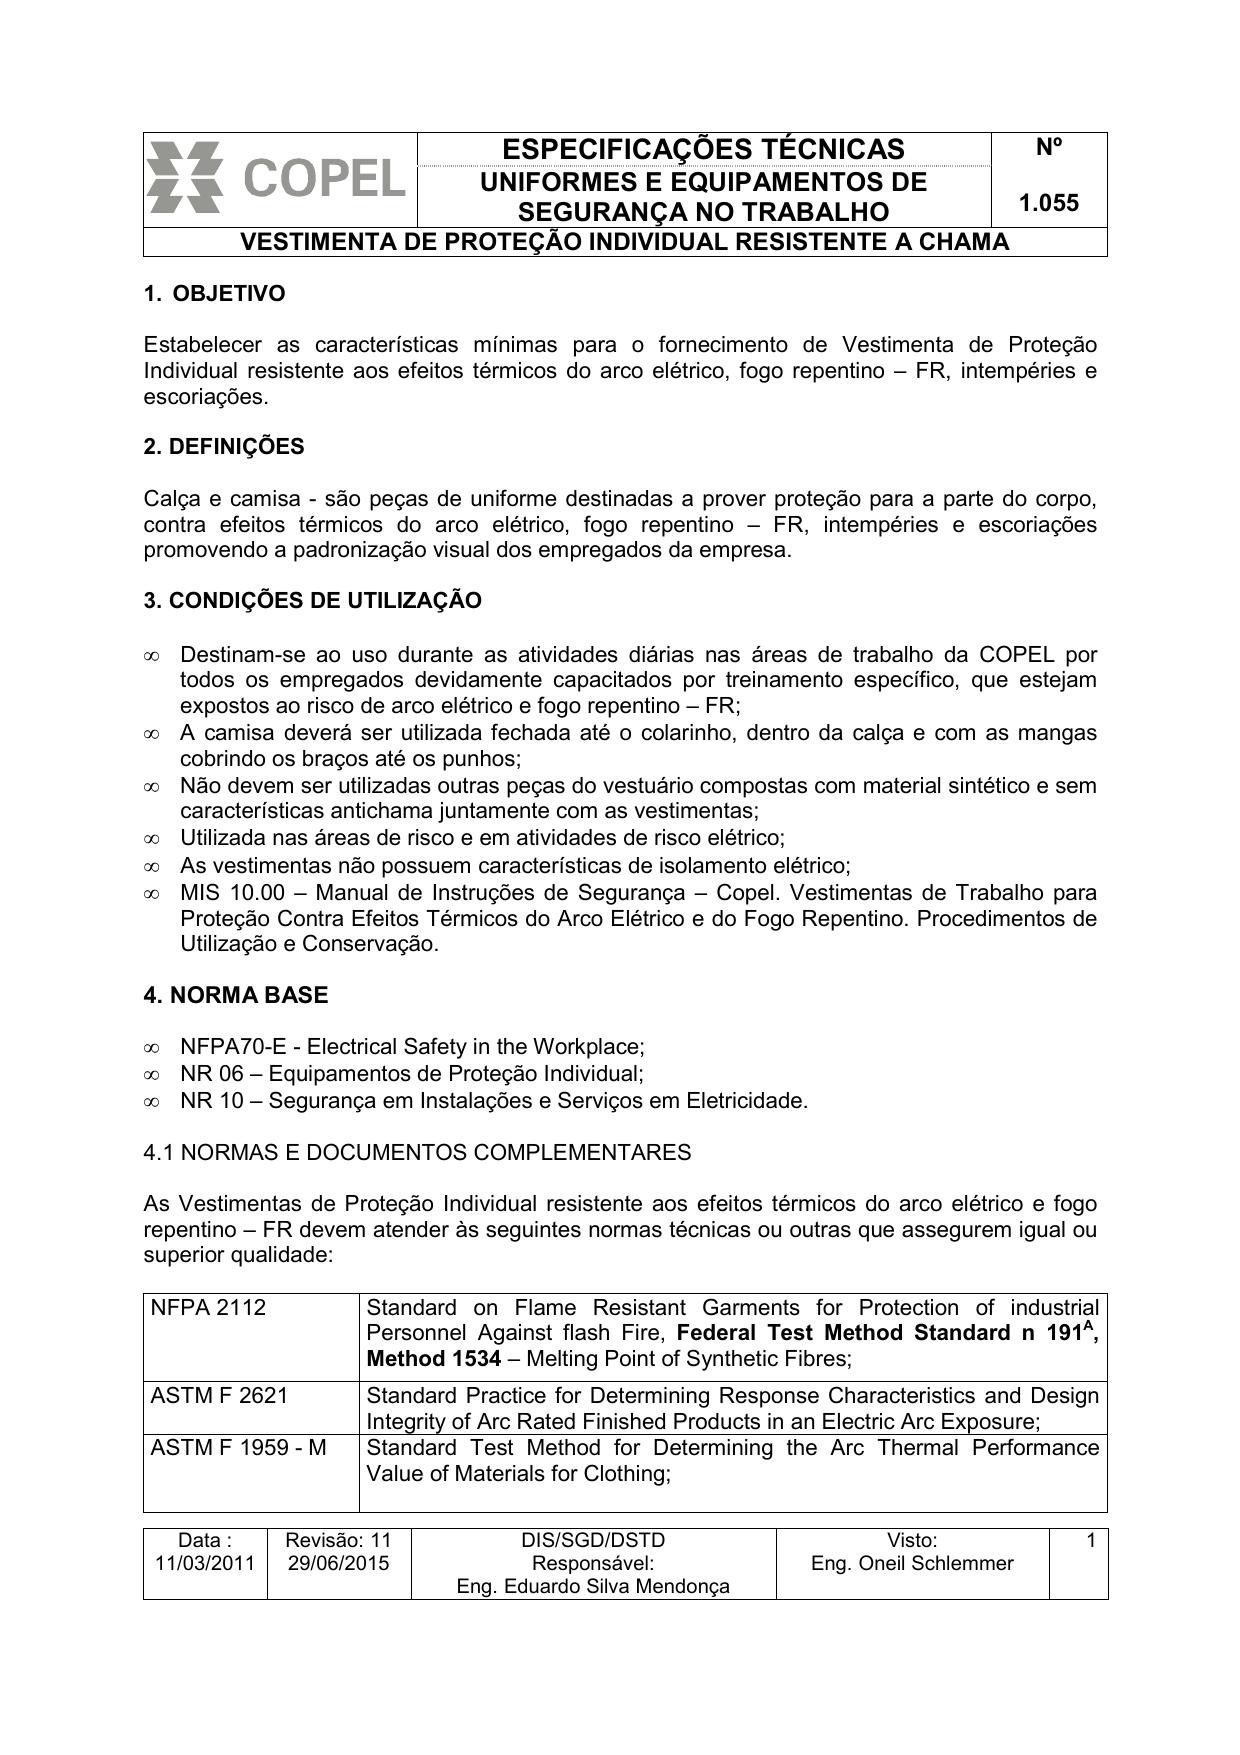 8e662beba1 Espec. COPEL 1.055- Vestimenta Anti | manualzz.com